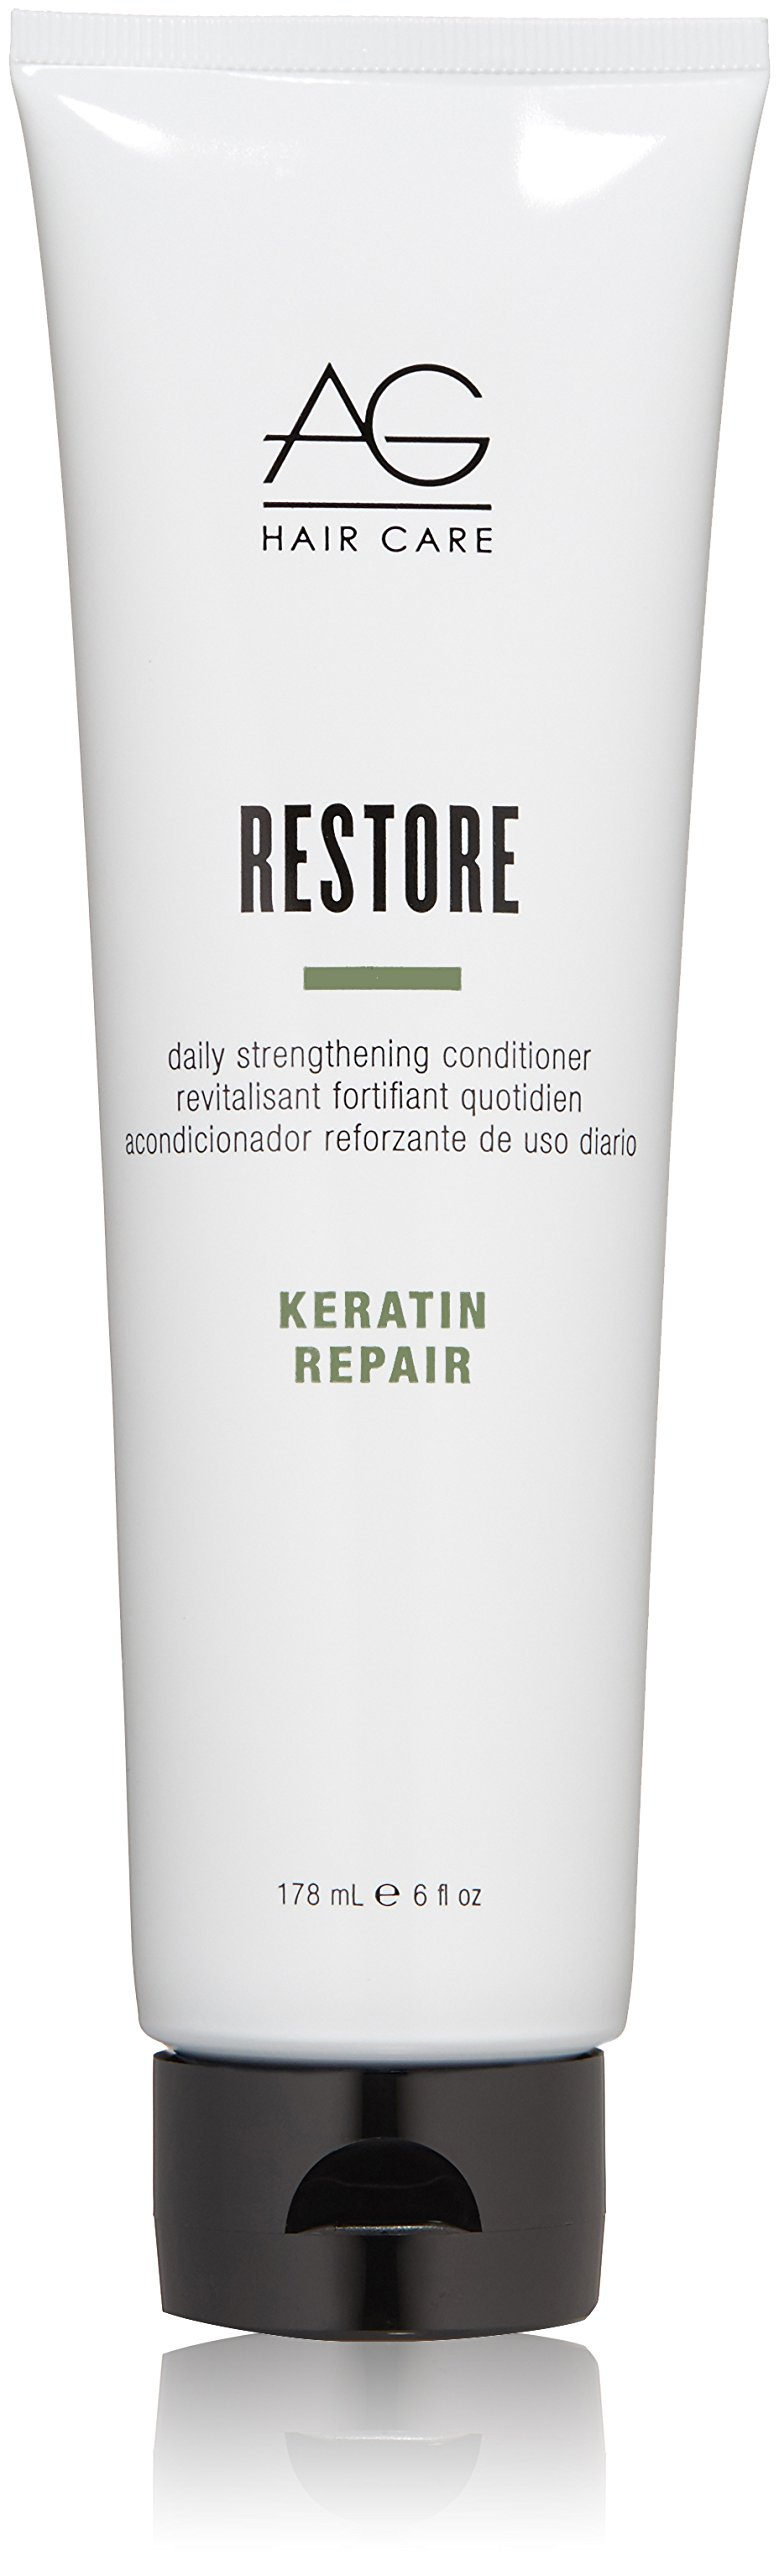 Keratin restoration Estelle is a real innovation